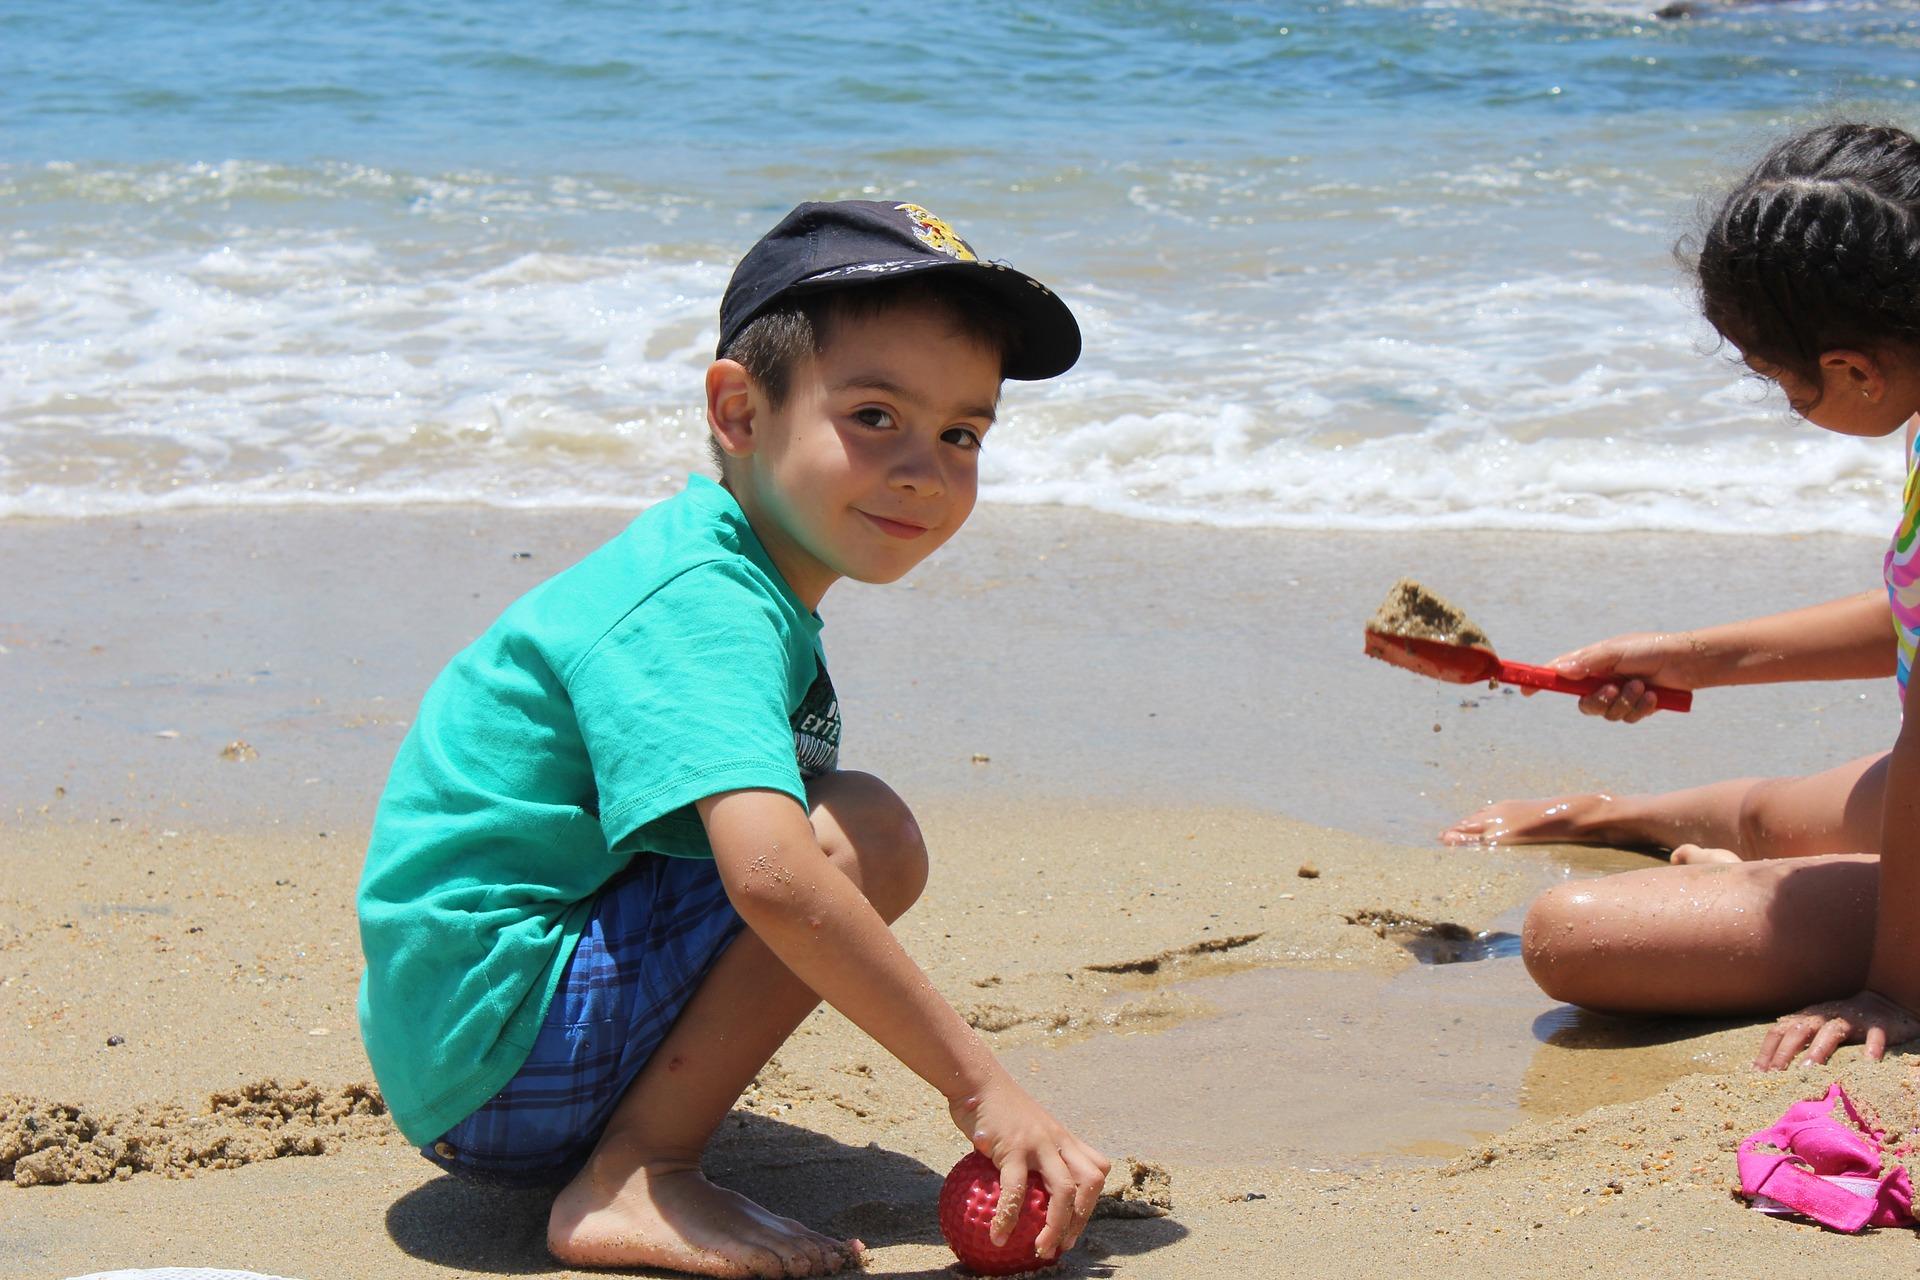 Niños jugando en una playa de Chile. Imagen: edoalmirored. Fuente: Pixabay.